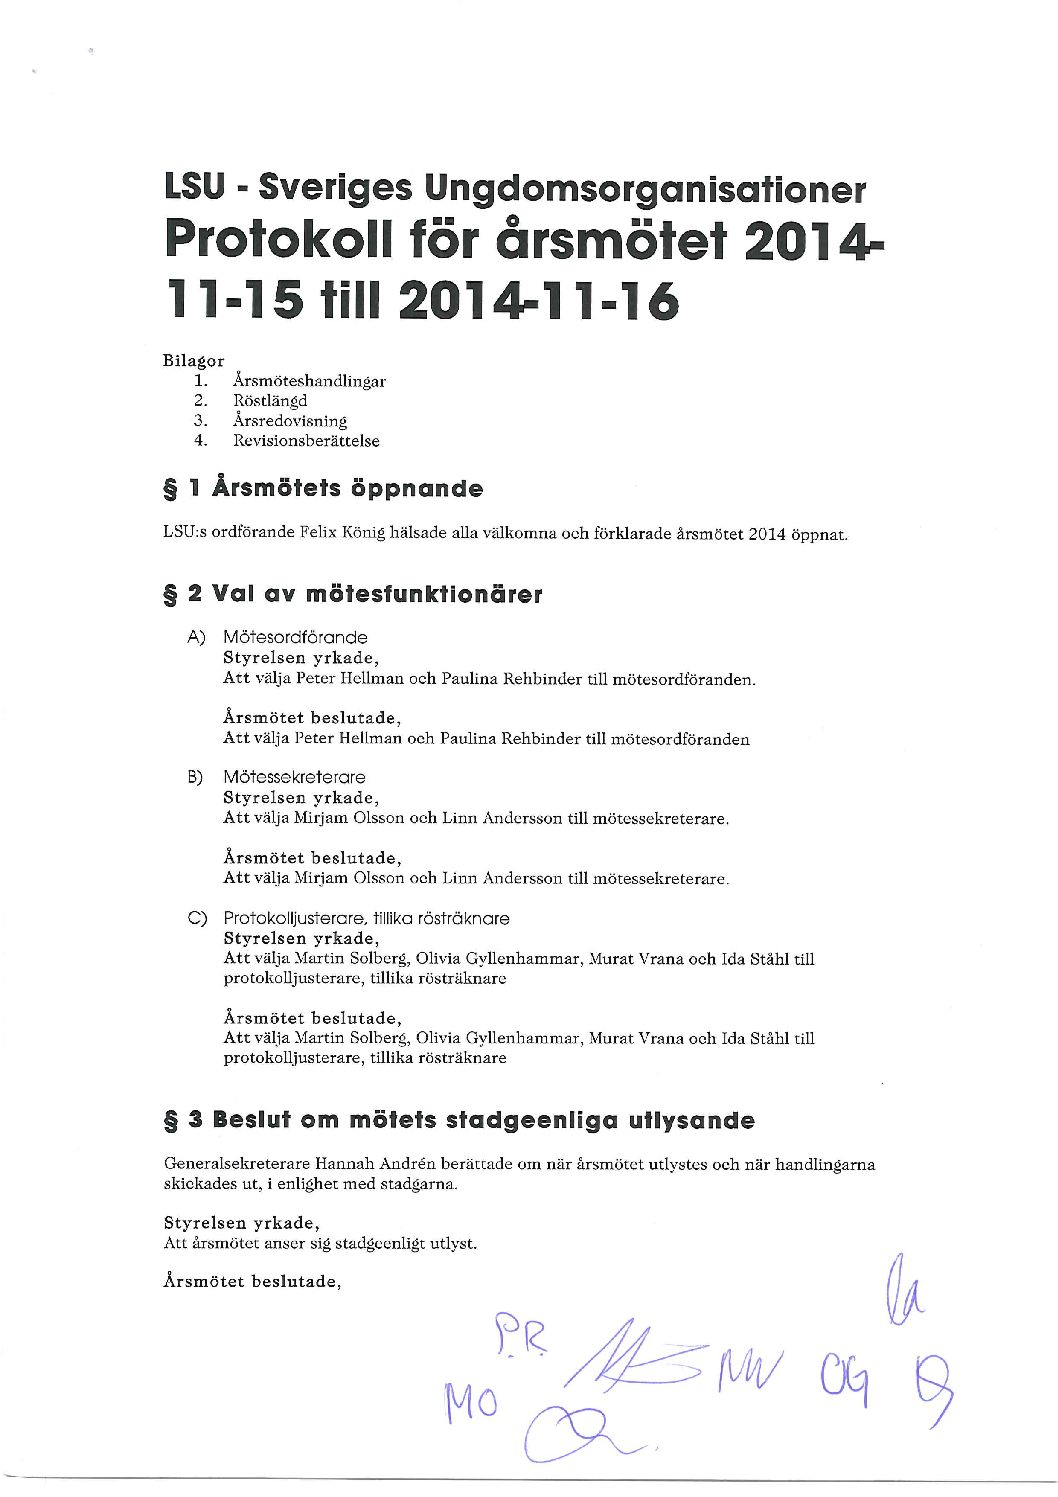 Årsmötesprotokoll 20141115-16_signerat